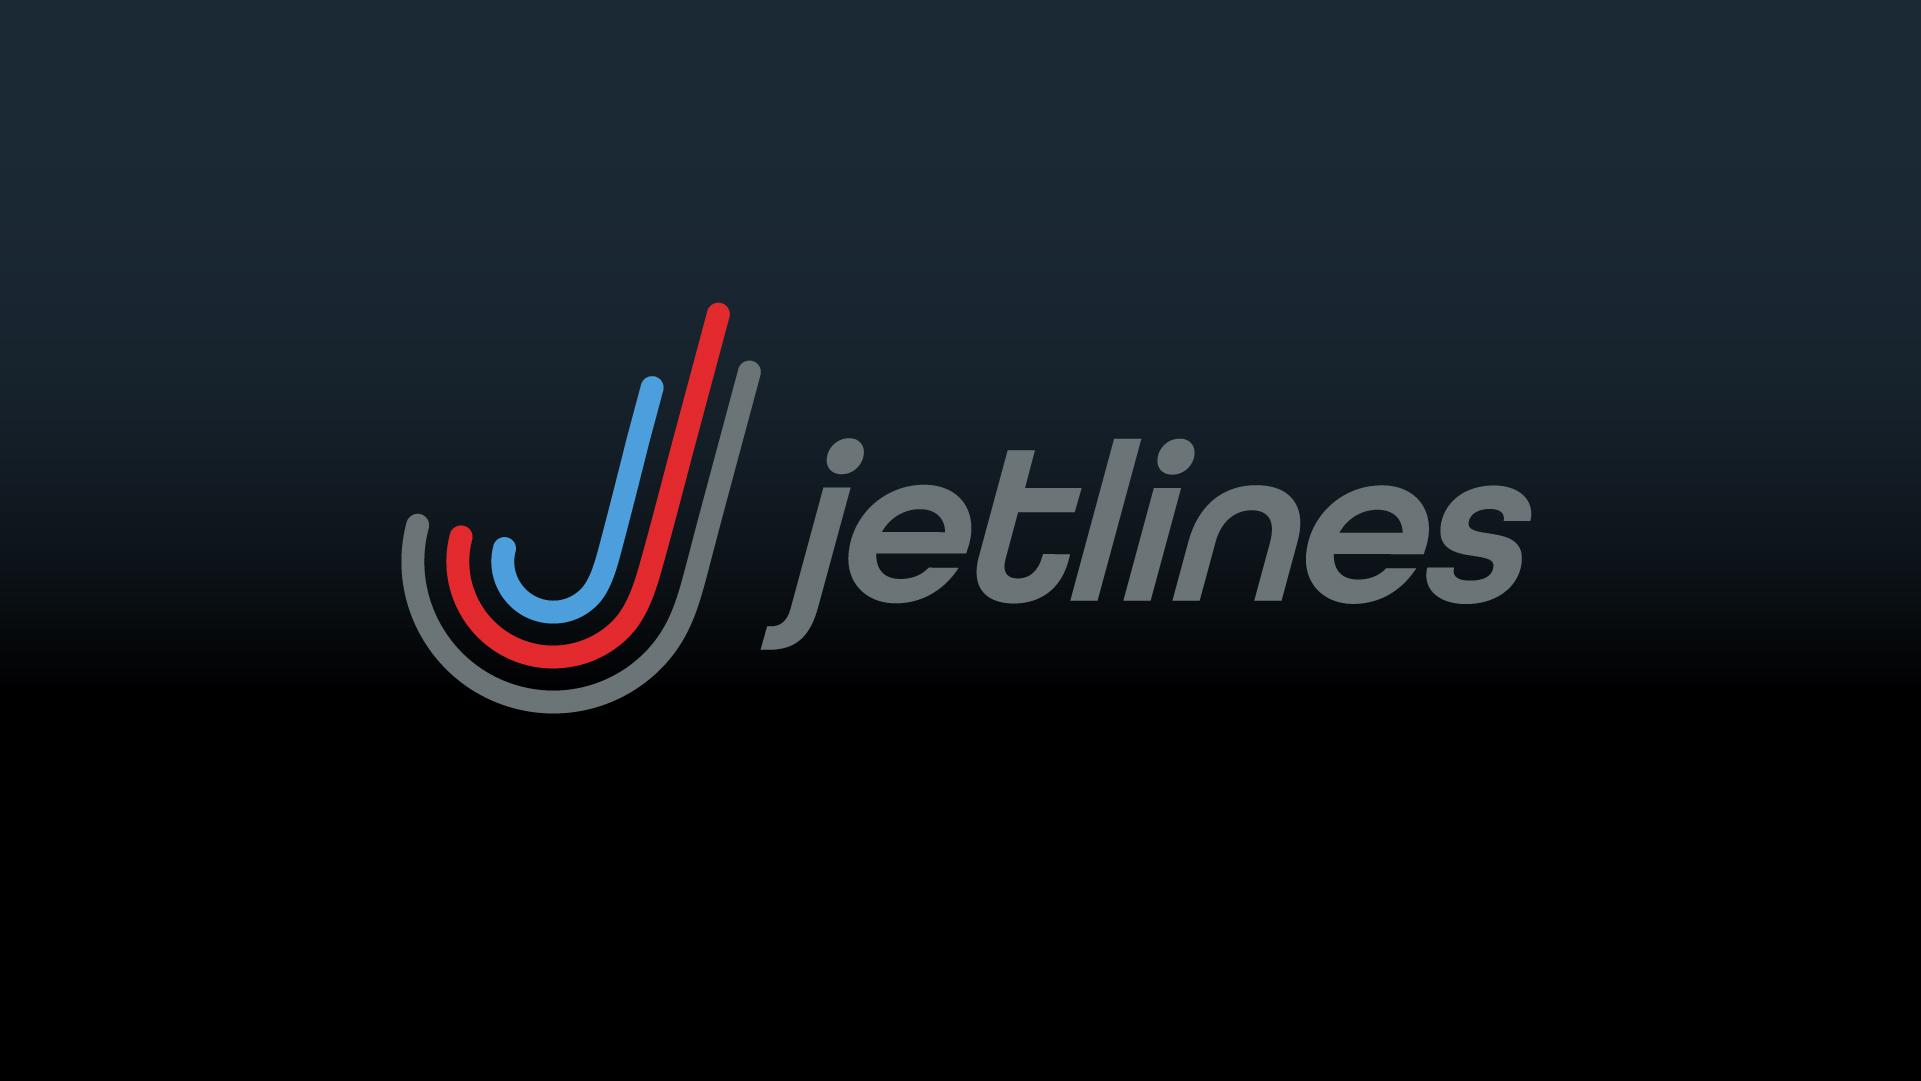 Canada Jetlines Ltd  (TSXV: JET) - 2019 TSX Venture 50